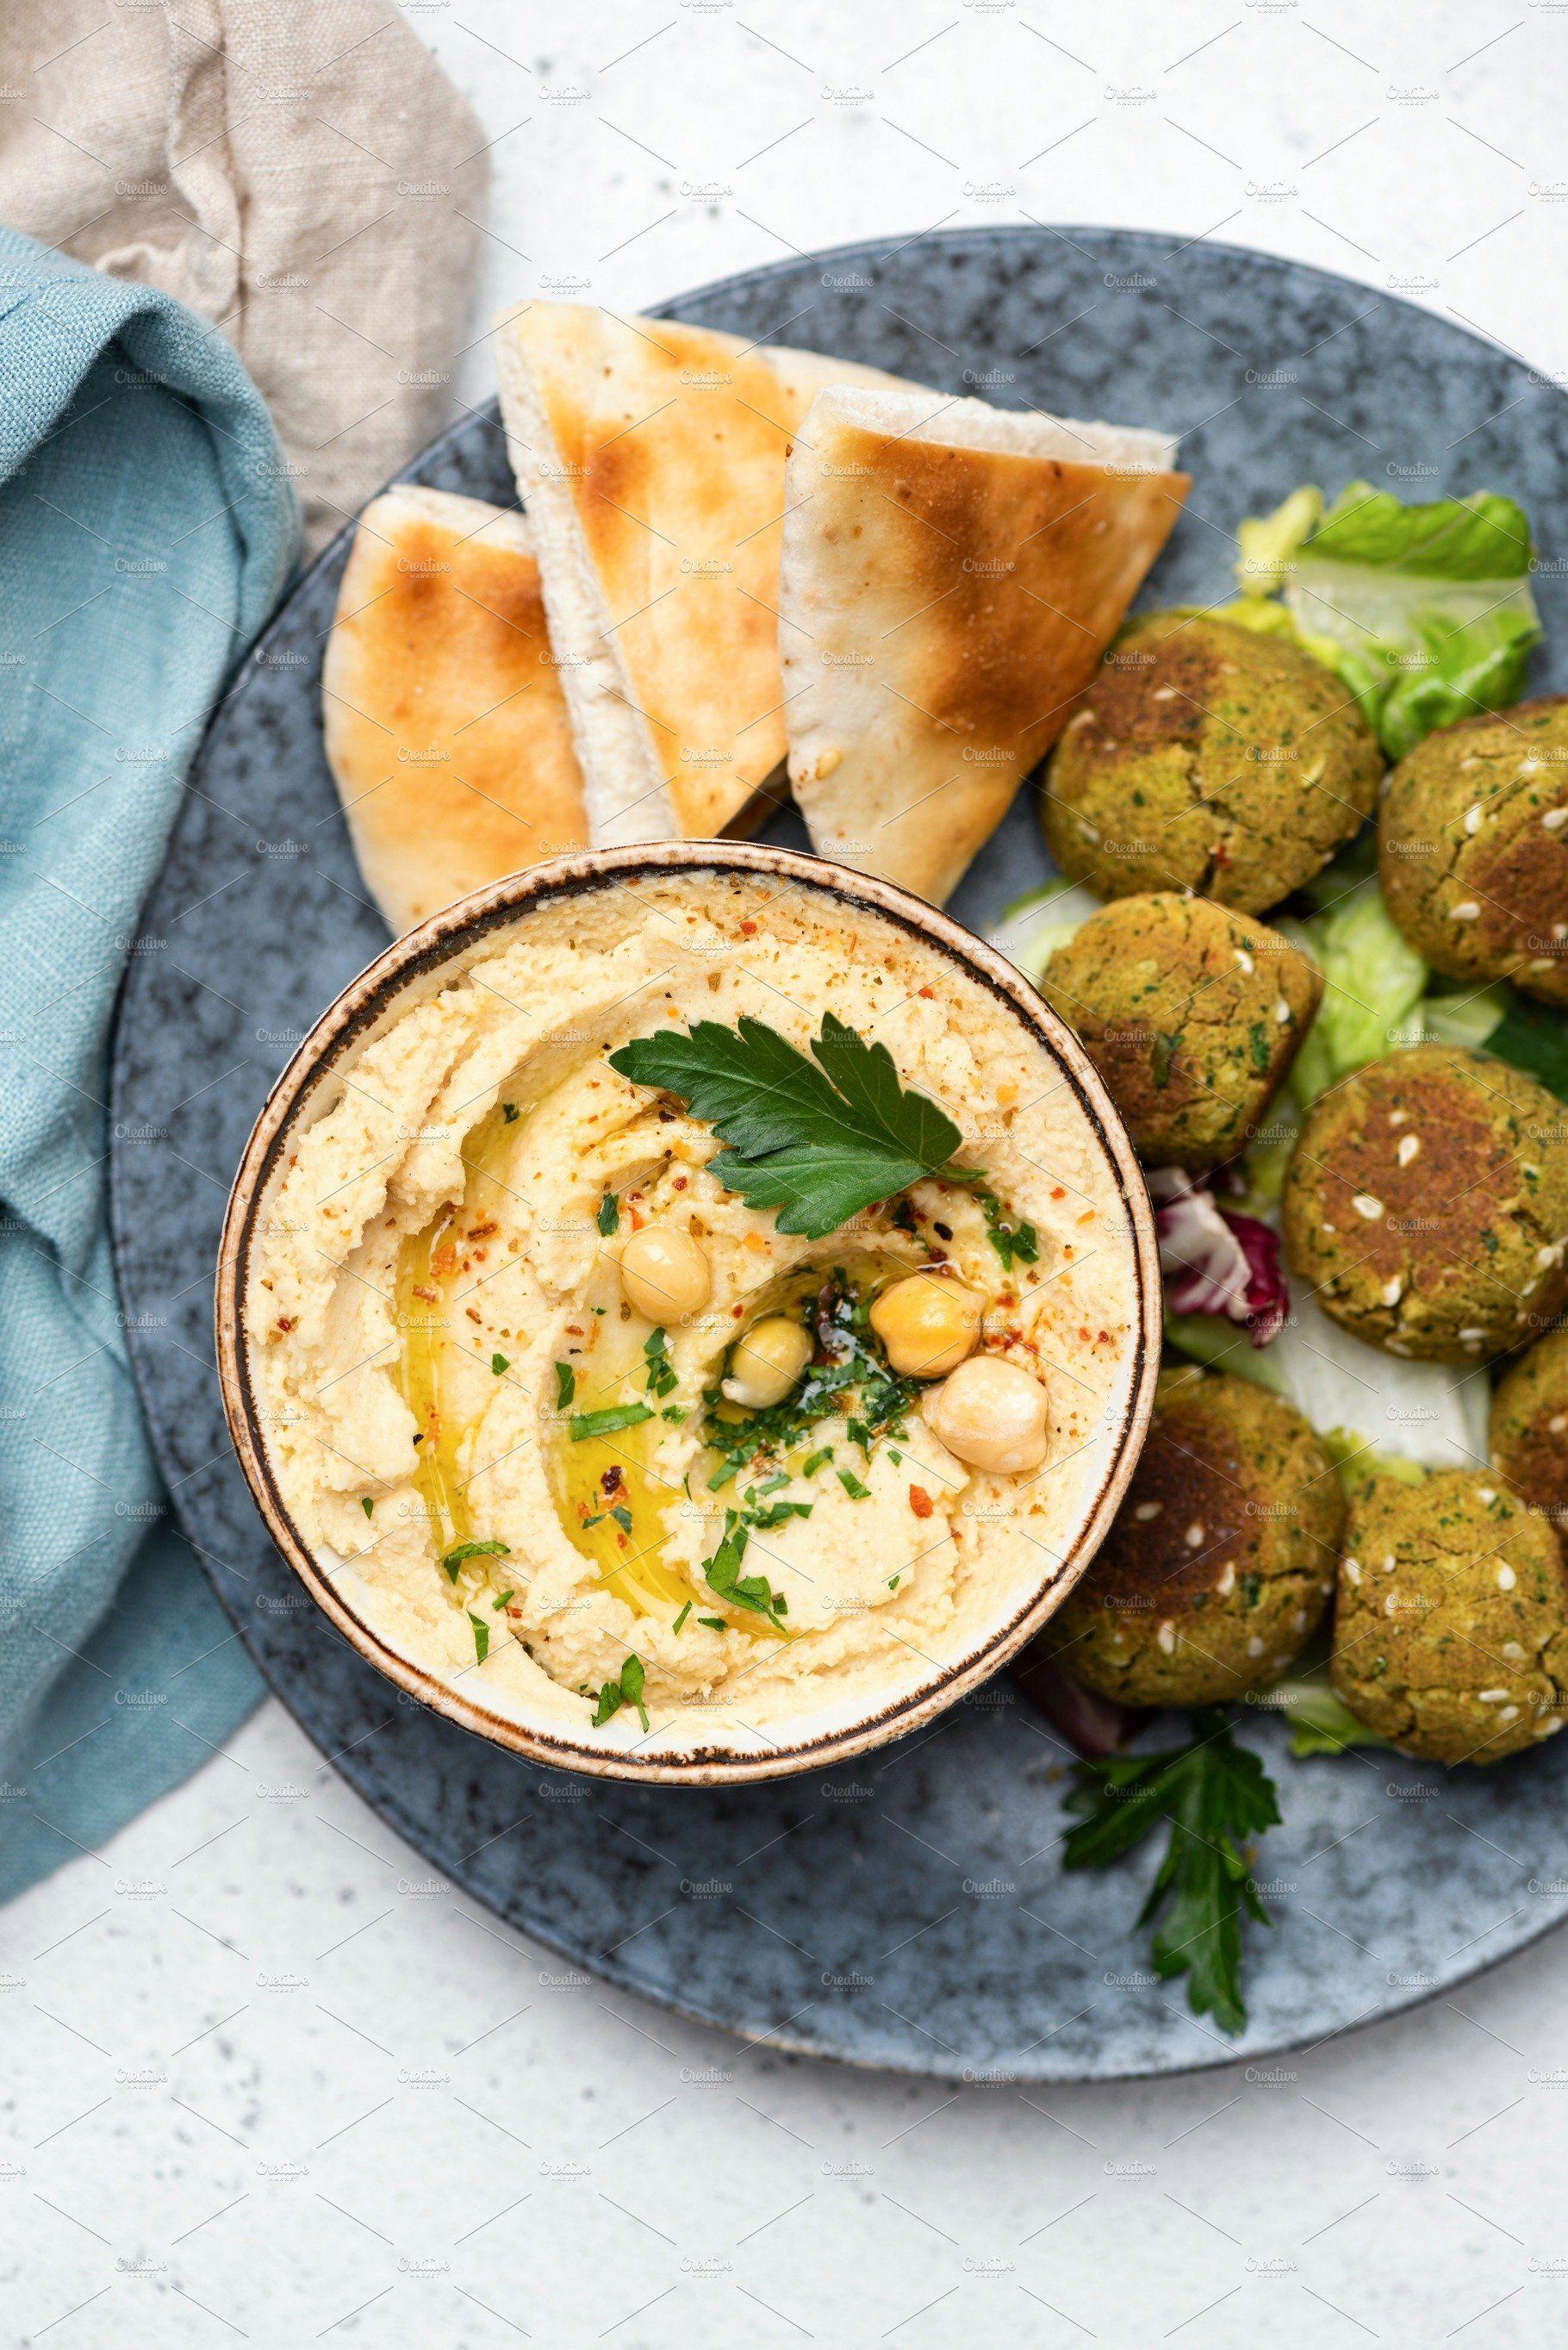 Chickpea Hummus Falafel Pita Bread In 2021 Chickpea Hummus Falafel Hummus